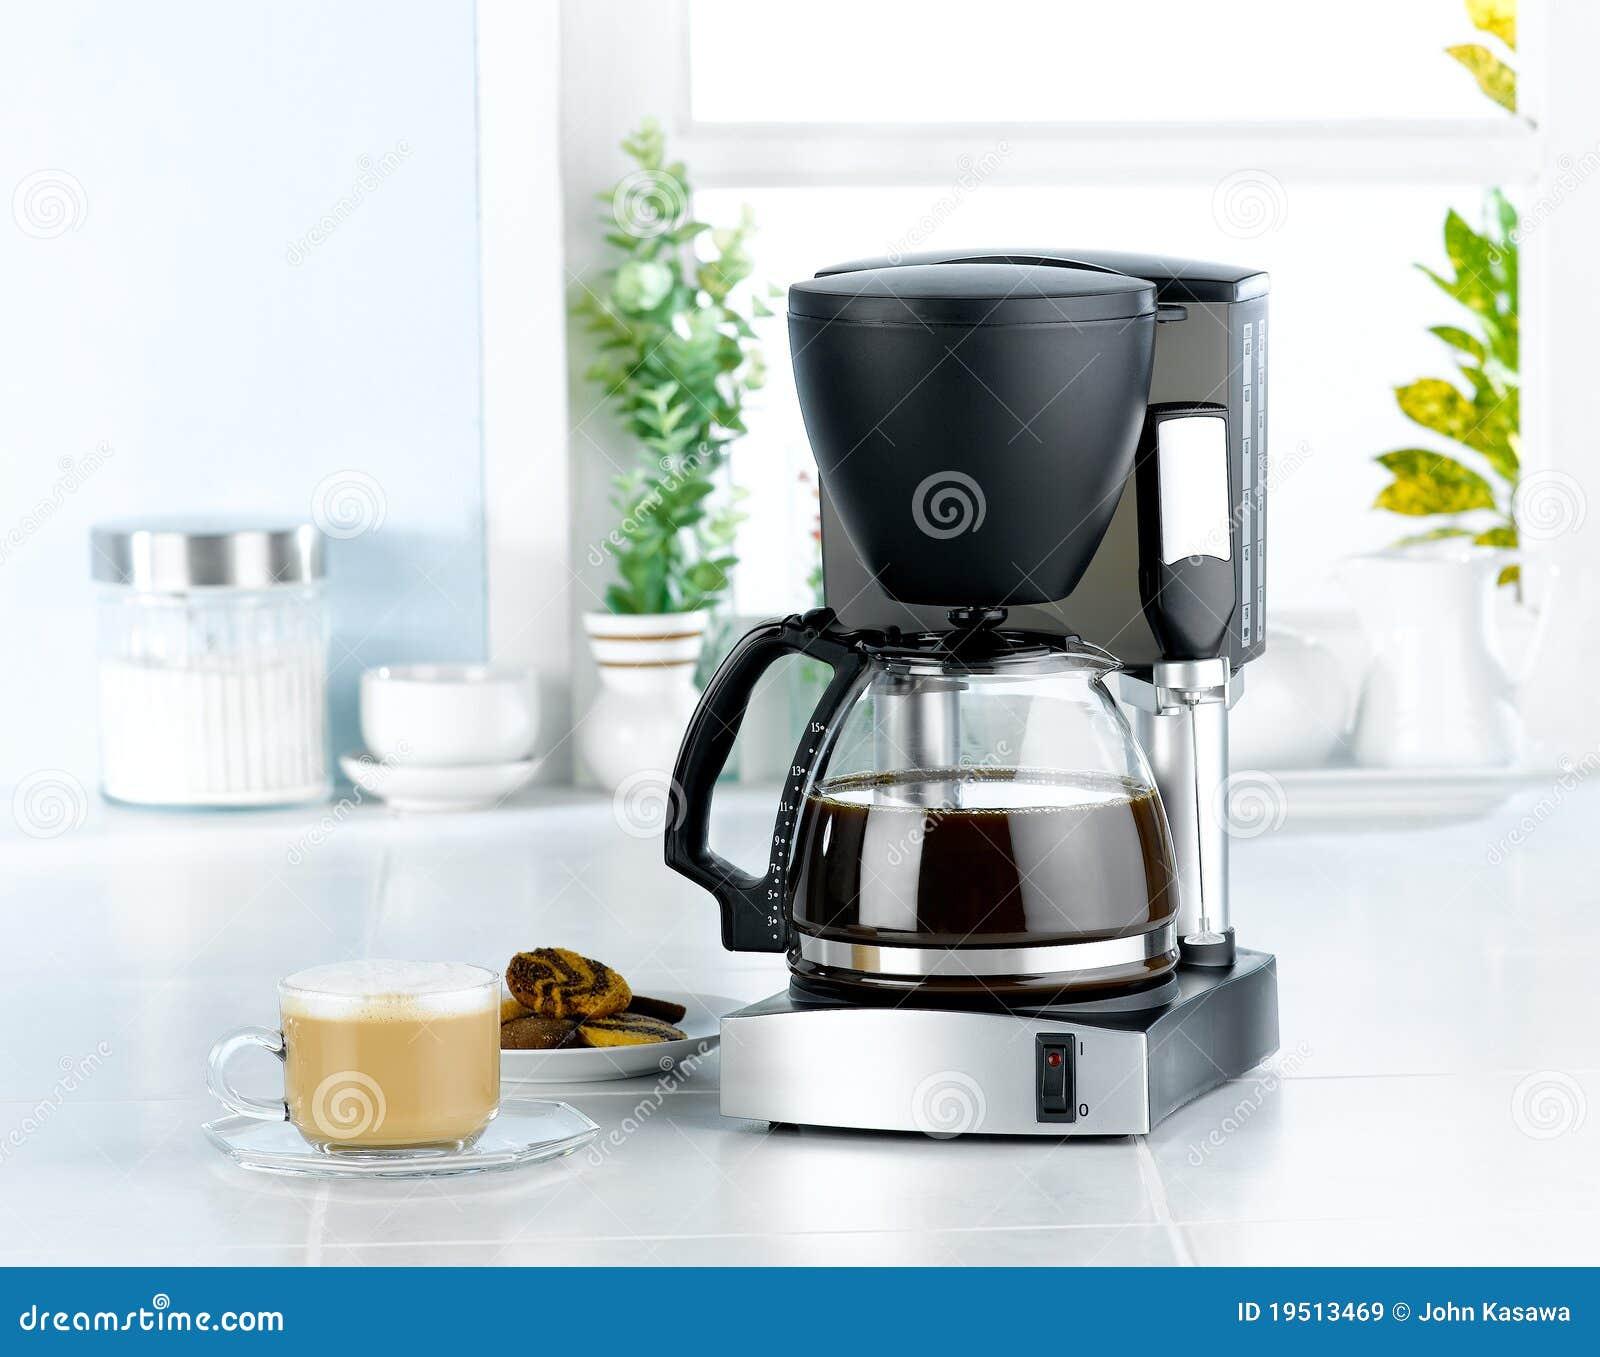 coffee blender machine